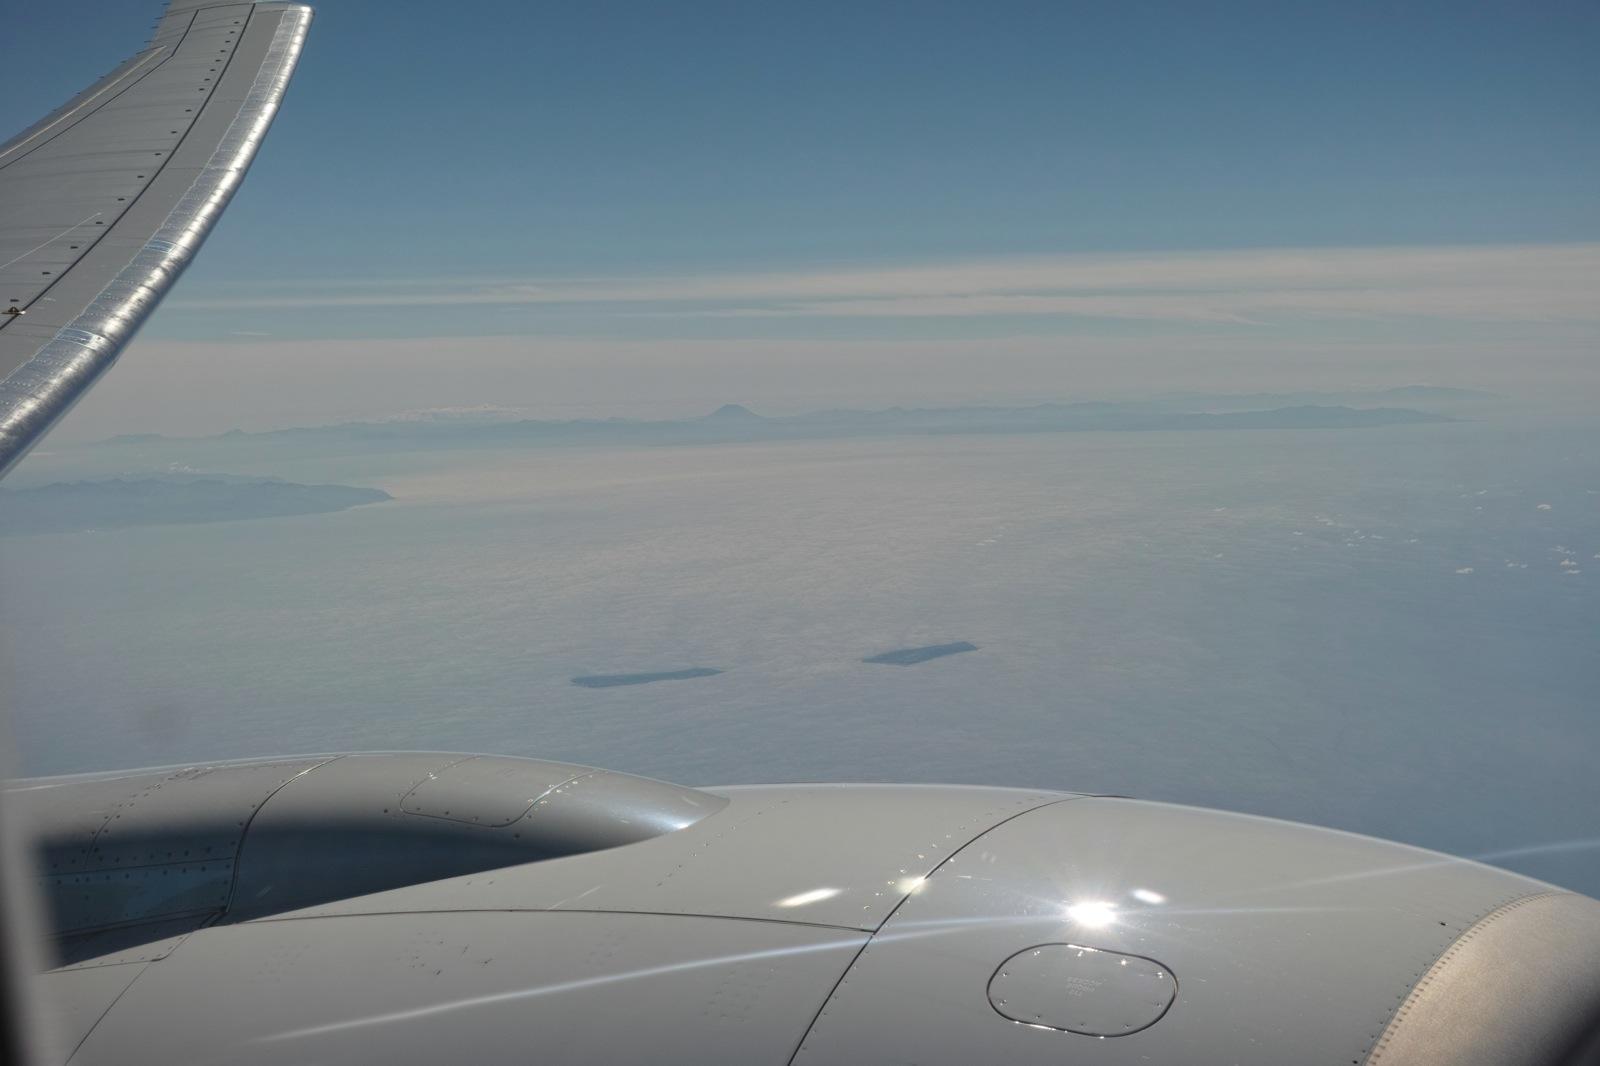 飛行機からの眺め_d0133581_12172.jpg